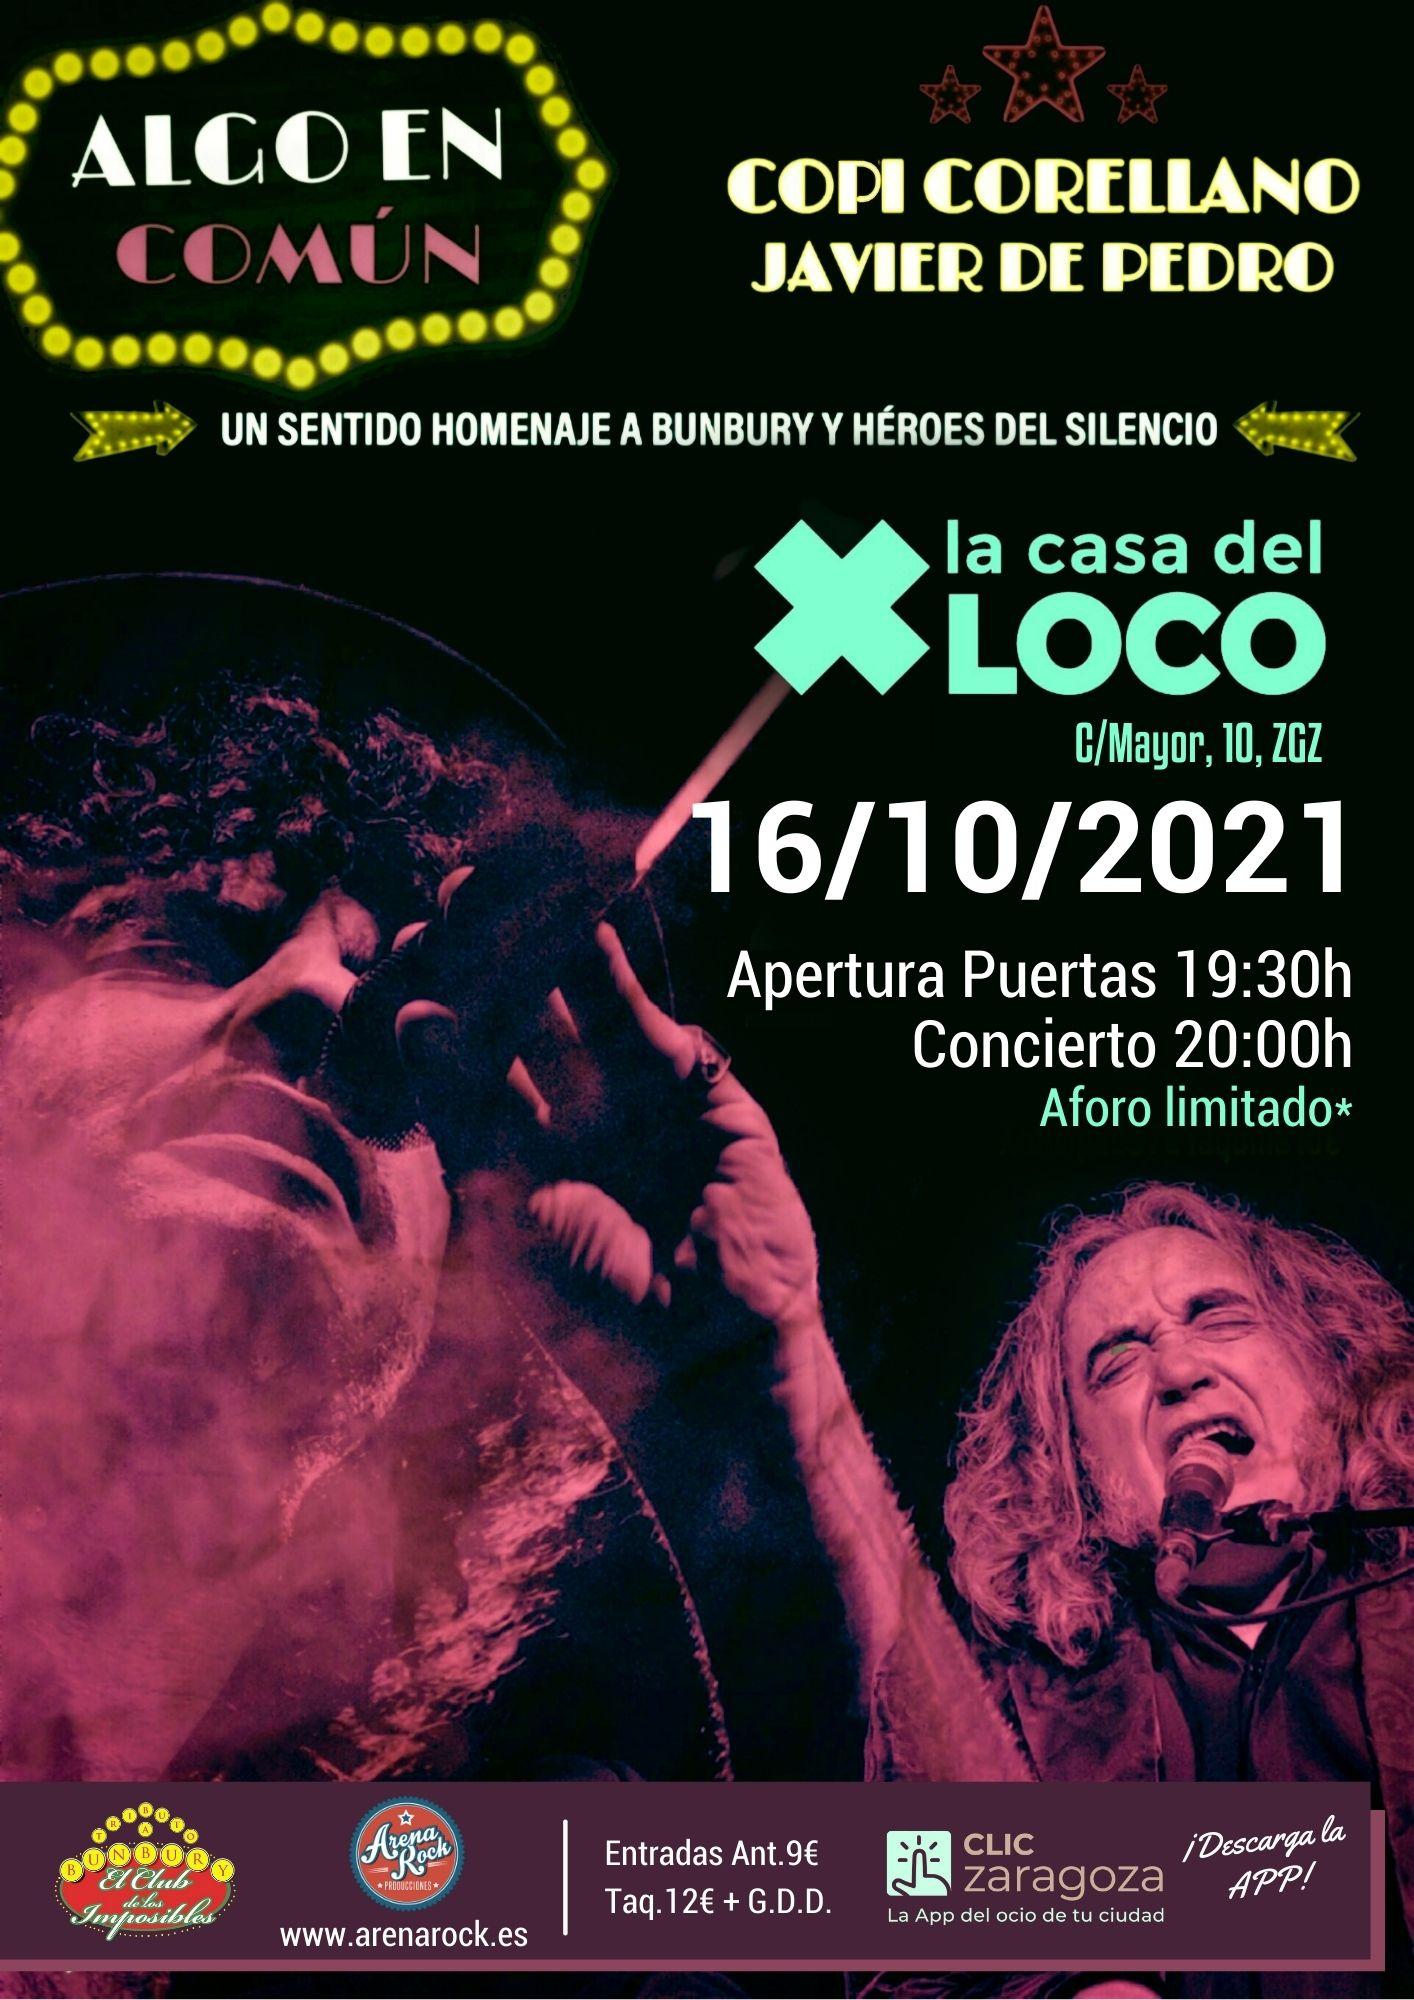 Algo En Común Copi Correllano y Javier de Pedro La Casa del Loco Zaragoza. Arena Rock Producciones